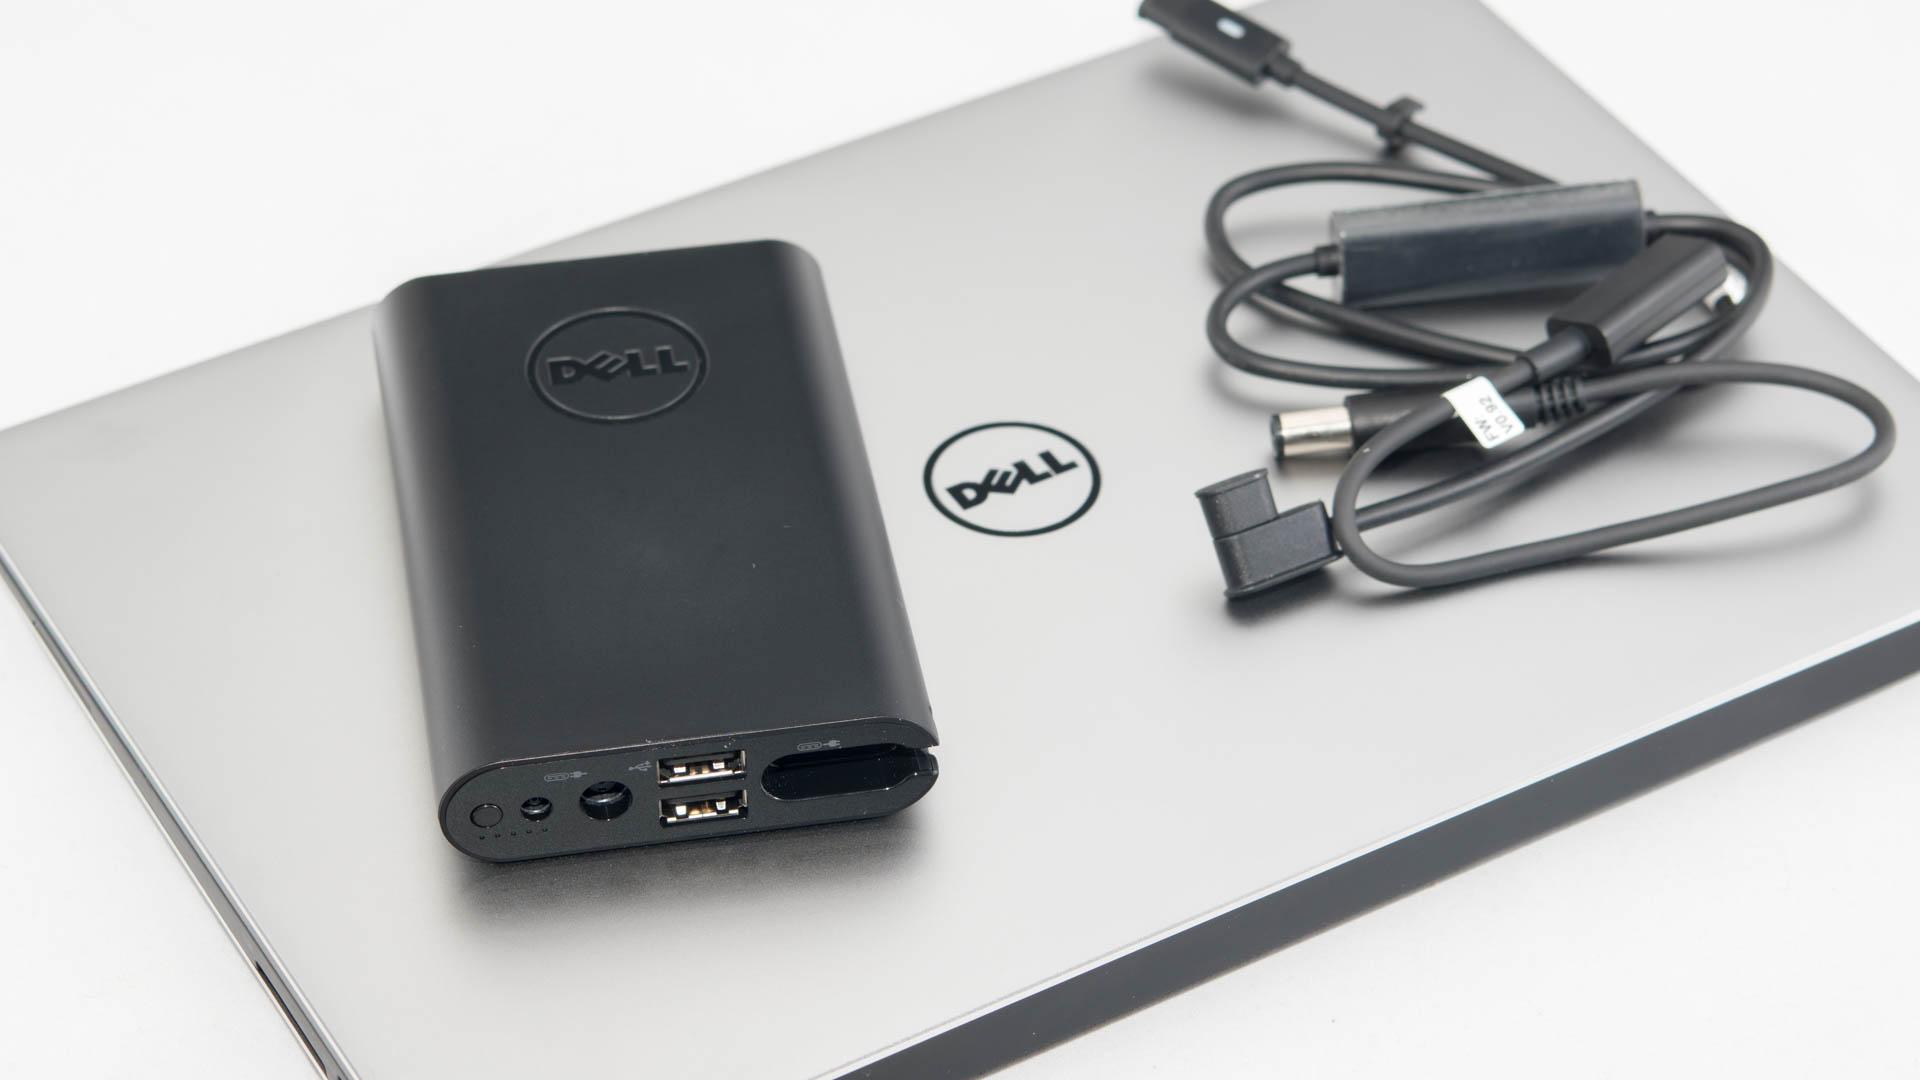 Kết quả hình ảnh cho Dell Power Companion PW7015MC